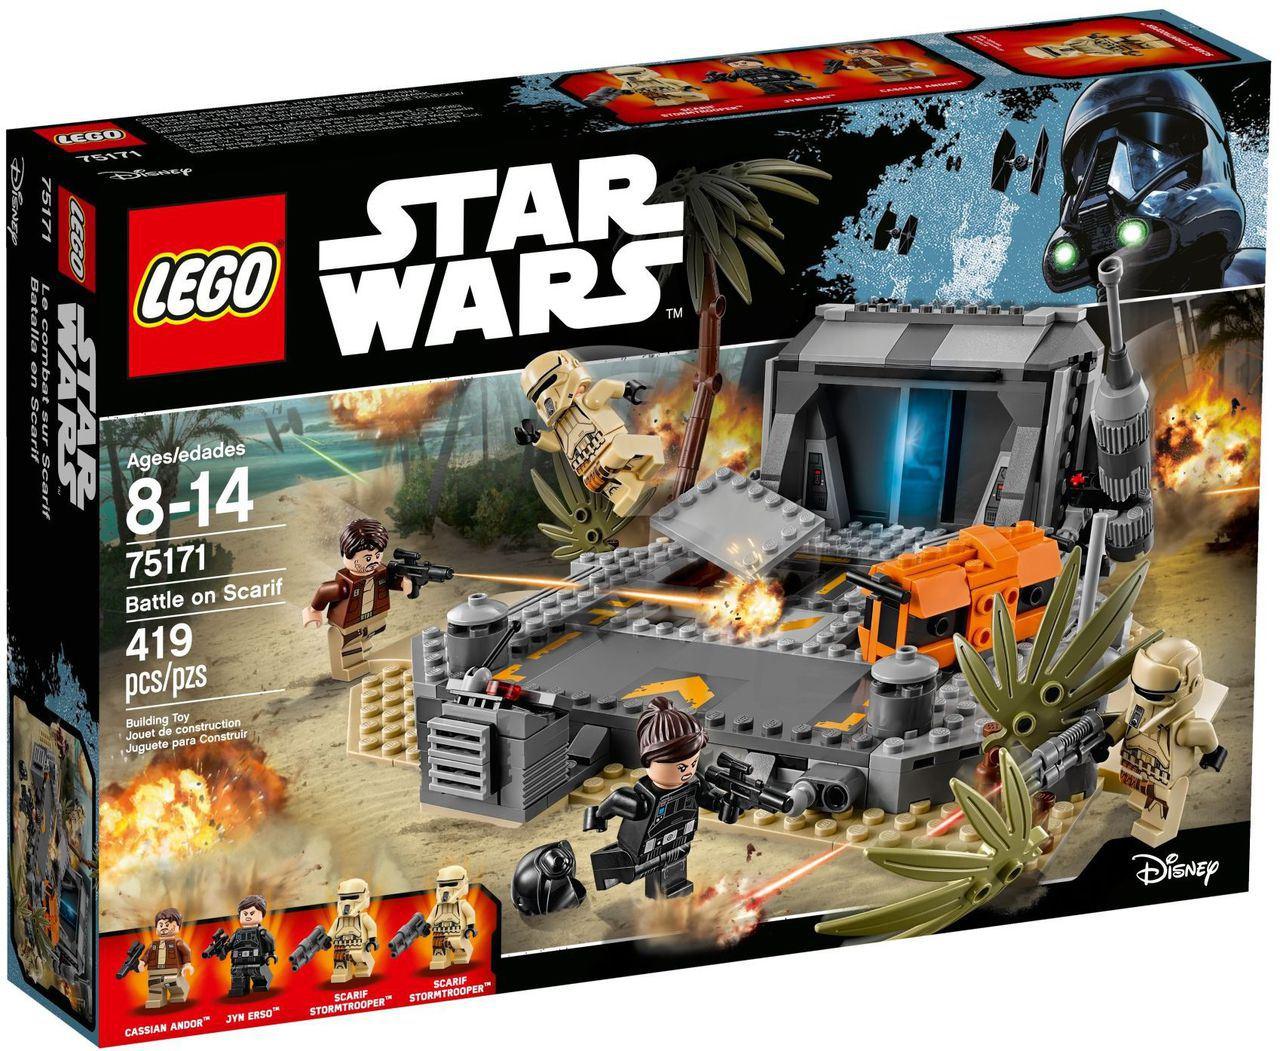 LEGO Star Wars Rogue One 75171: Battle on Scarif kopen ...